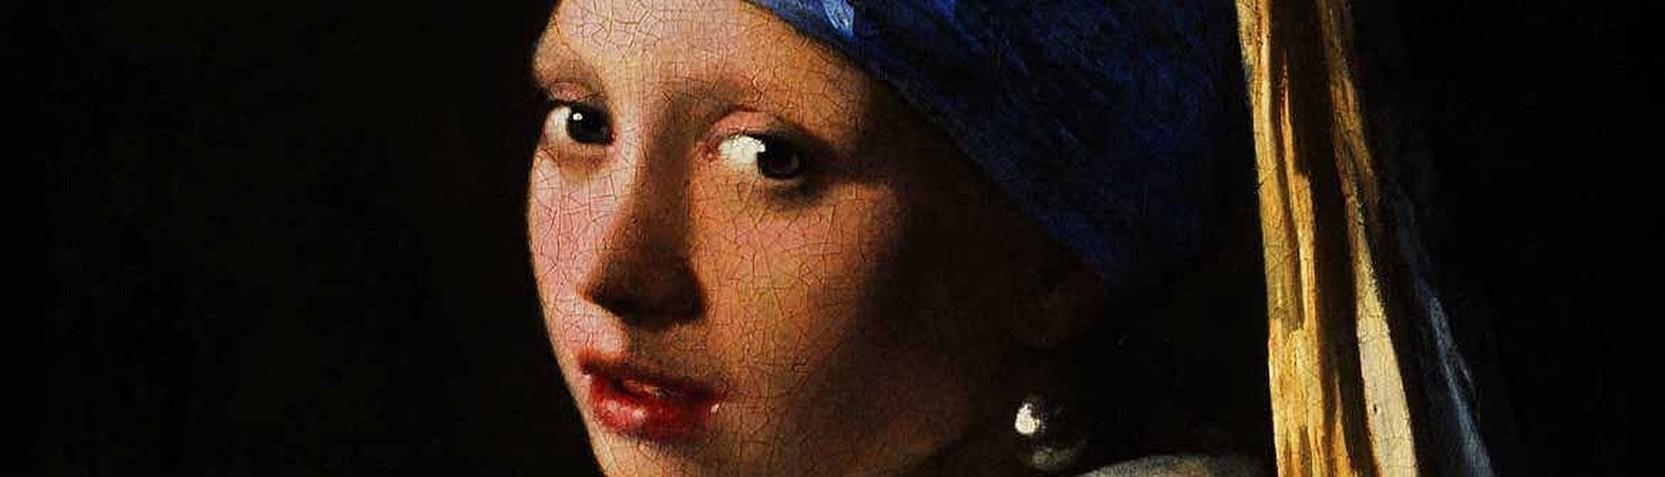 Artistas - Jan Vermeer